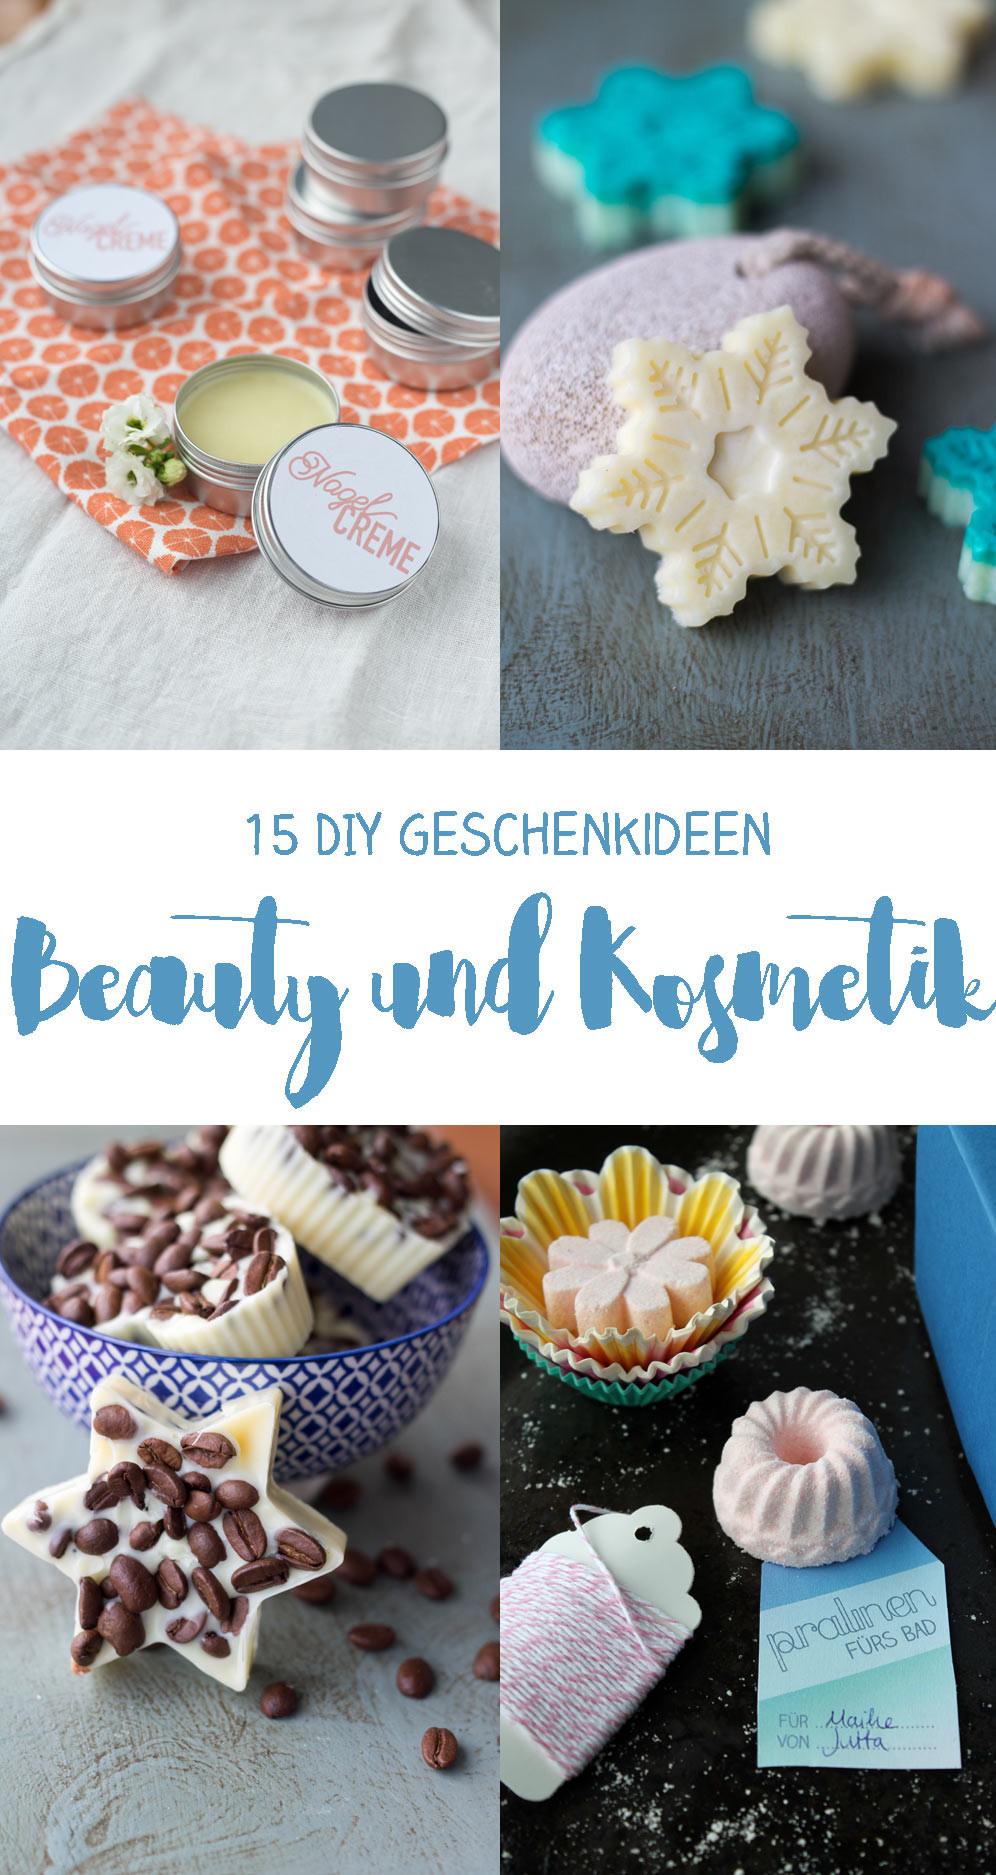 Diy Geschenke Weihnachten  15 DIY Kosmetik Geschenkideen zum Selbermachen